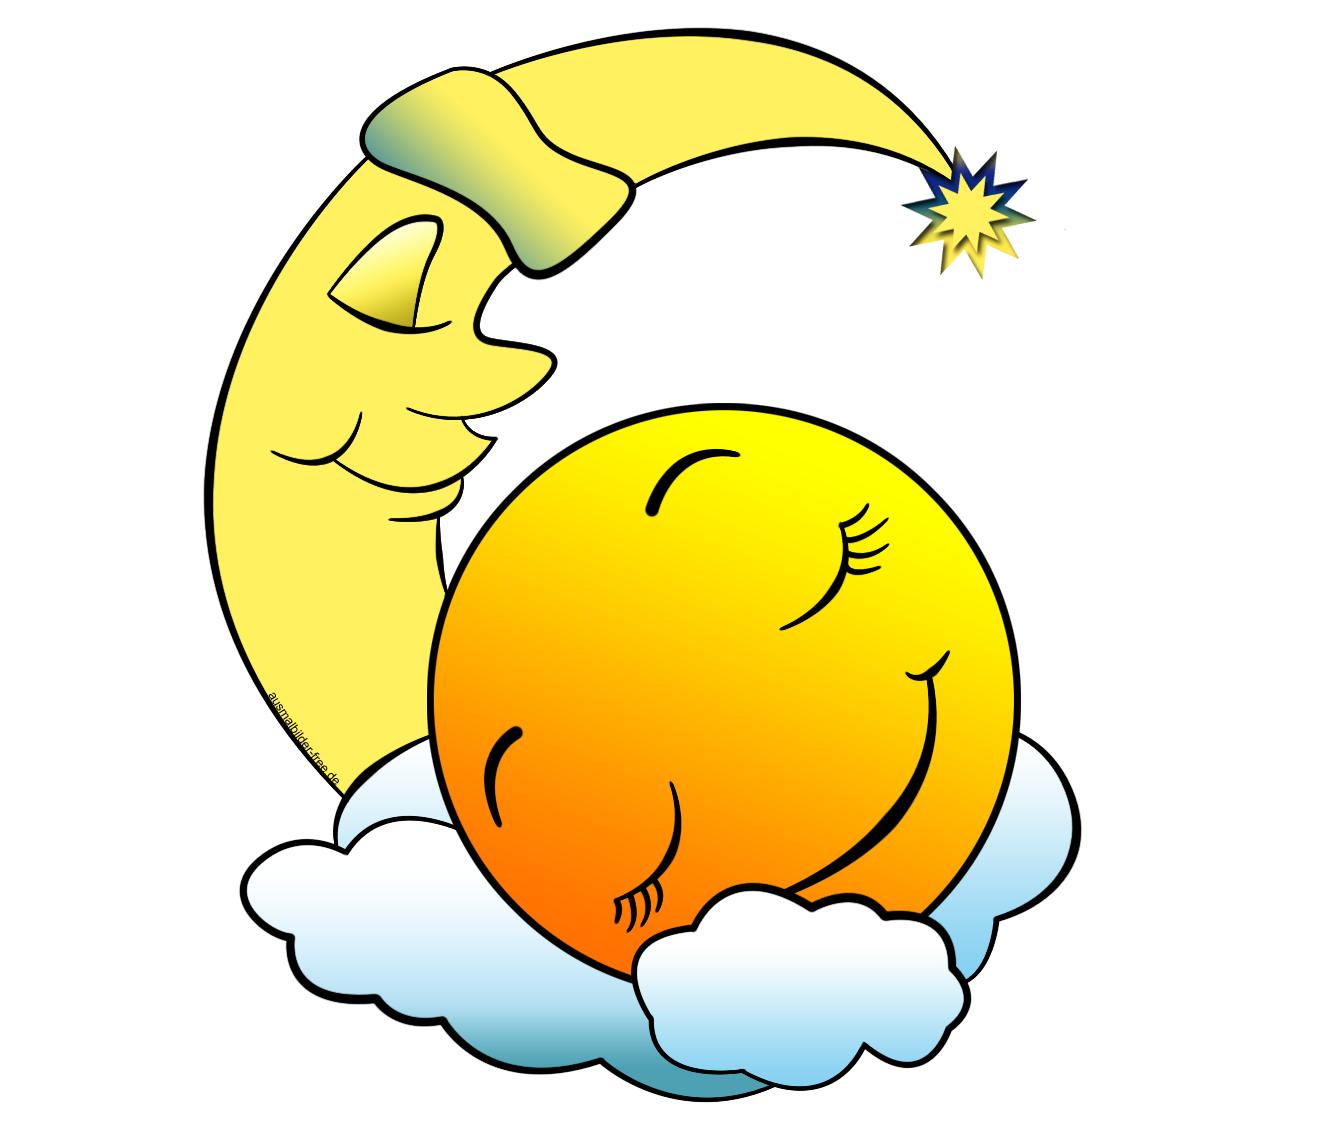 Gute nacht, Gute nacht grüße, Nacht